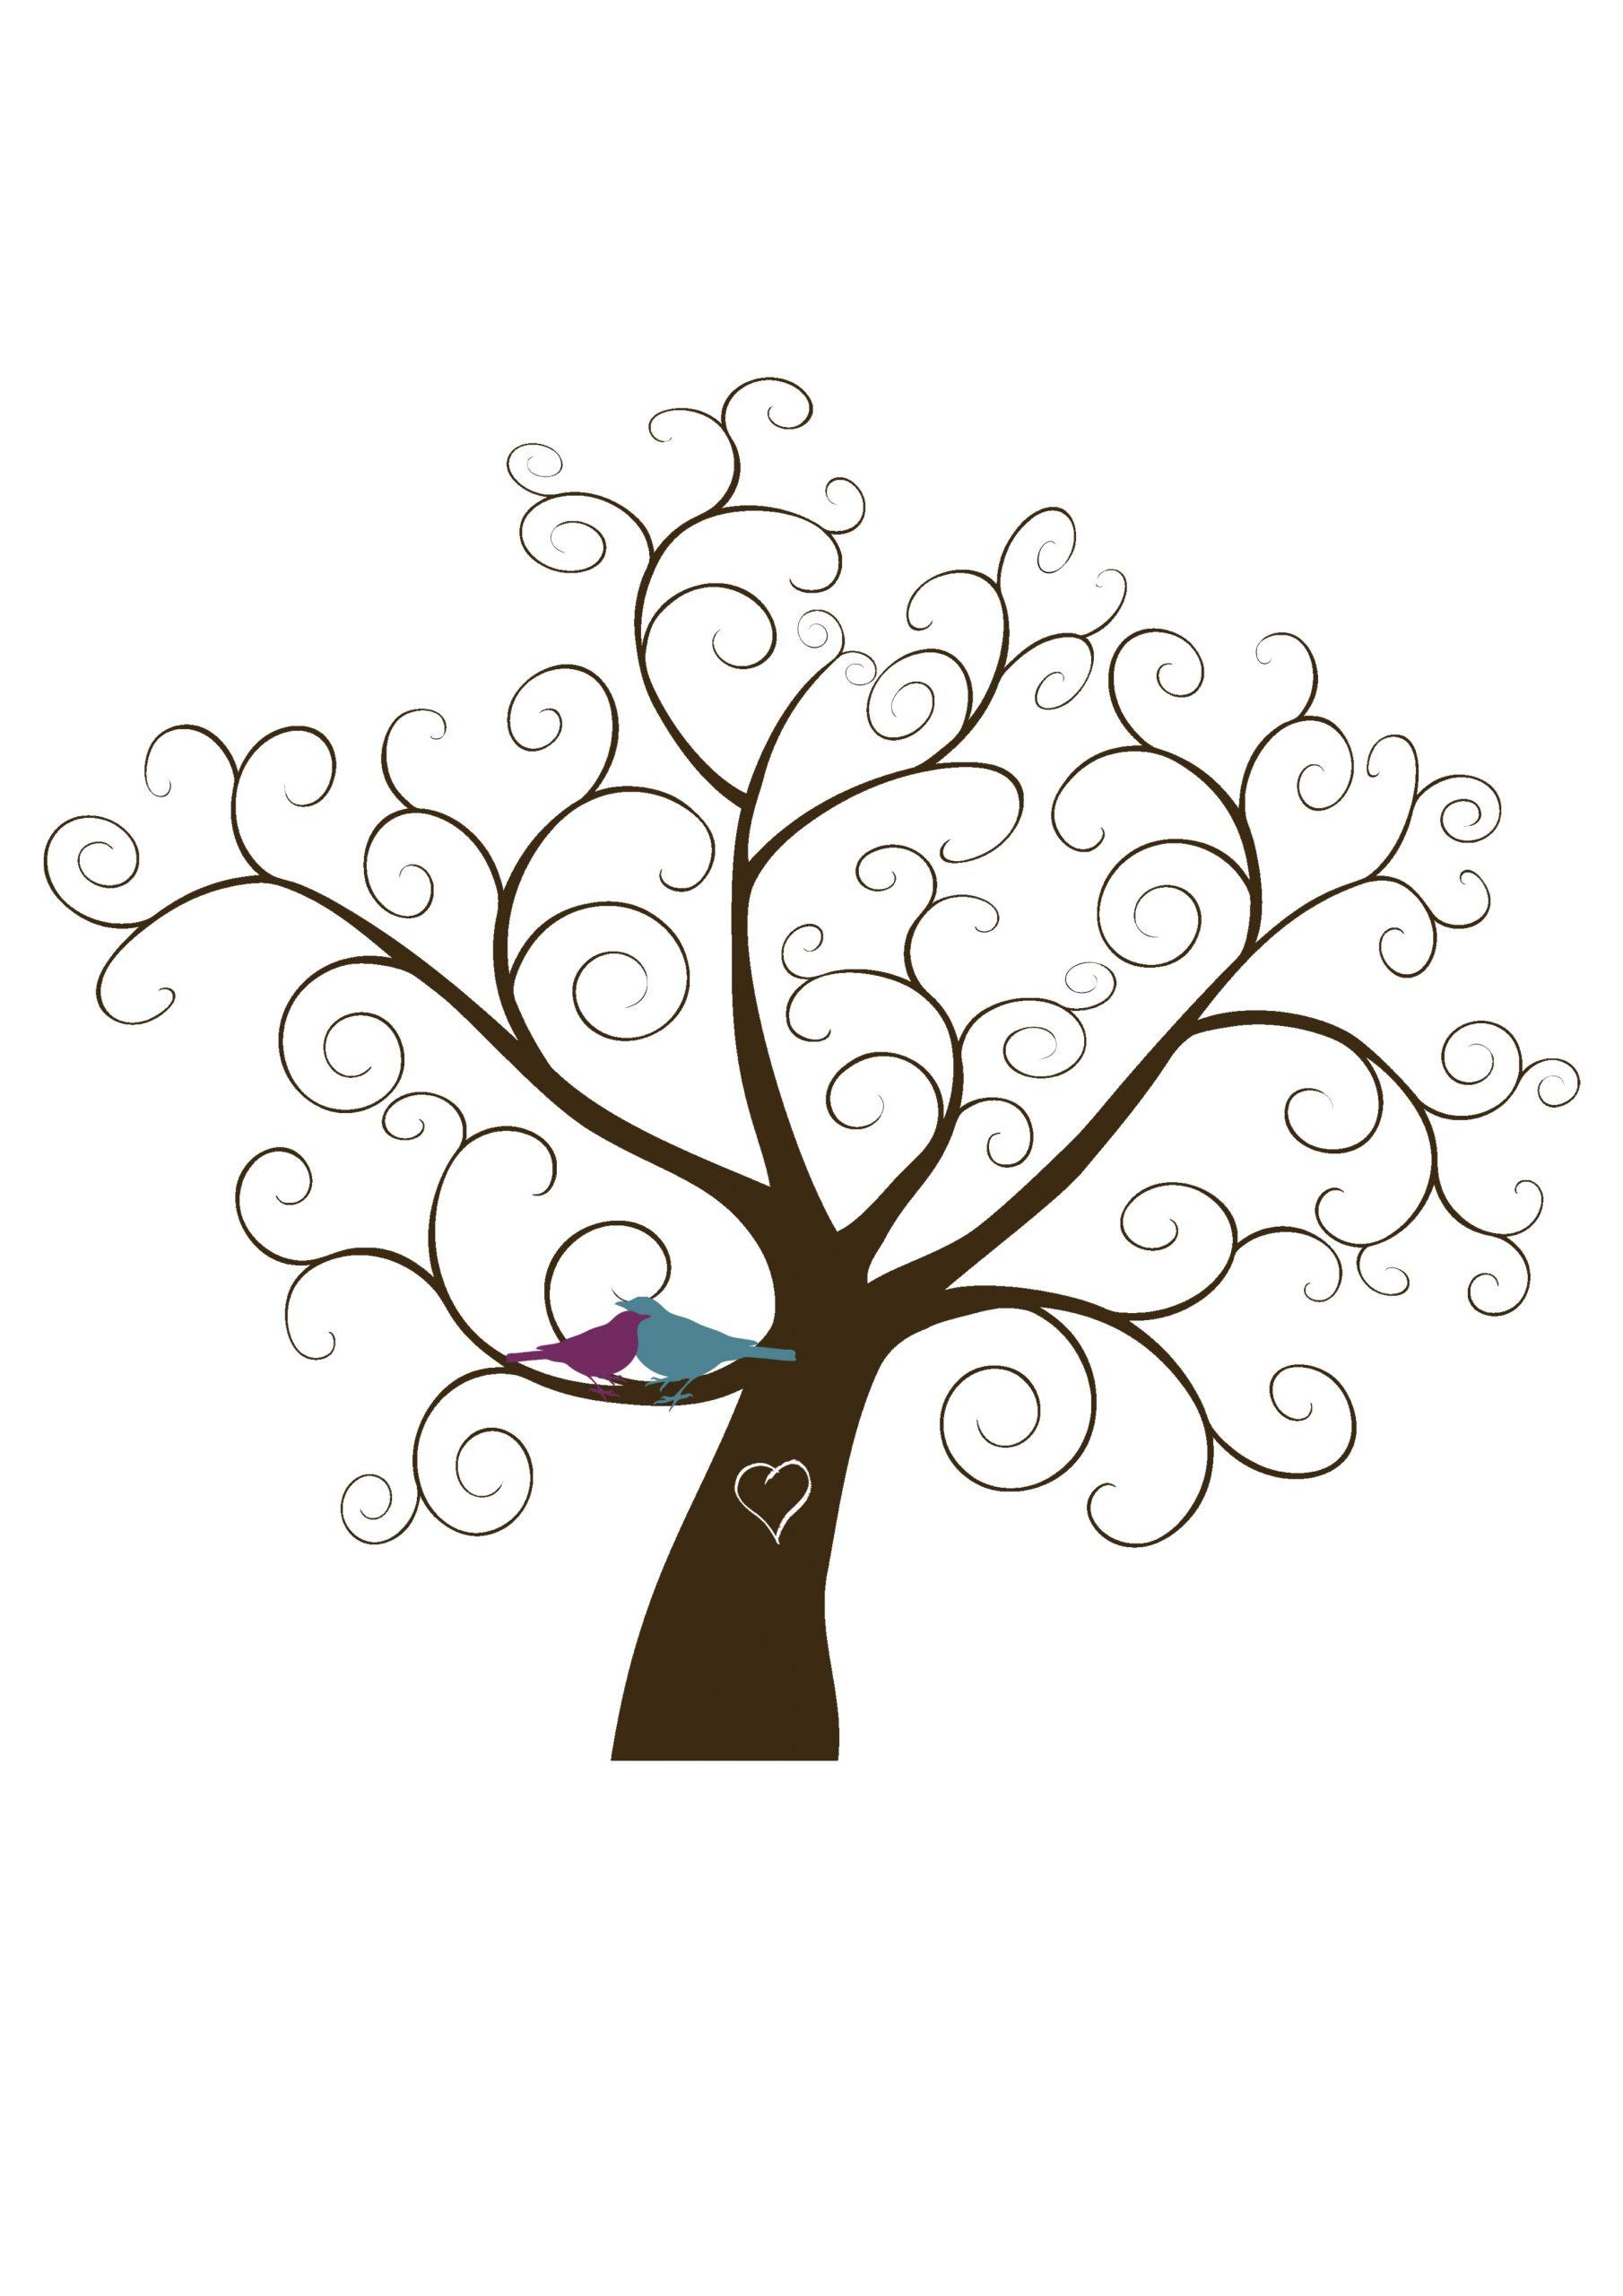 Baum Des Lebens Malvorlage | Coloring And Malvorlagan verwandt mit Malvorlage Baum Mit Ästen